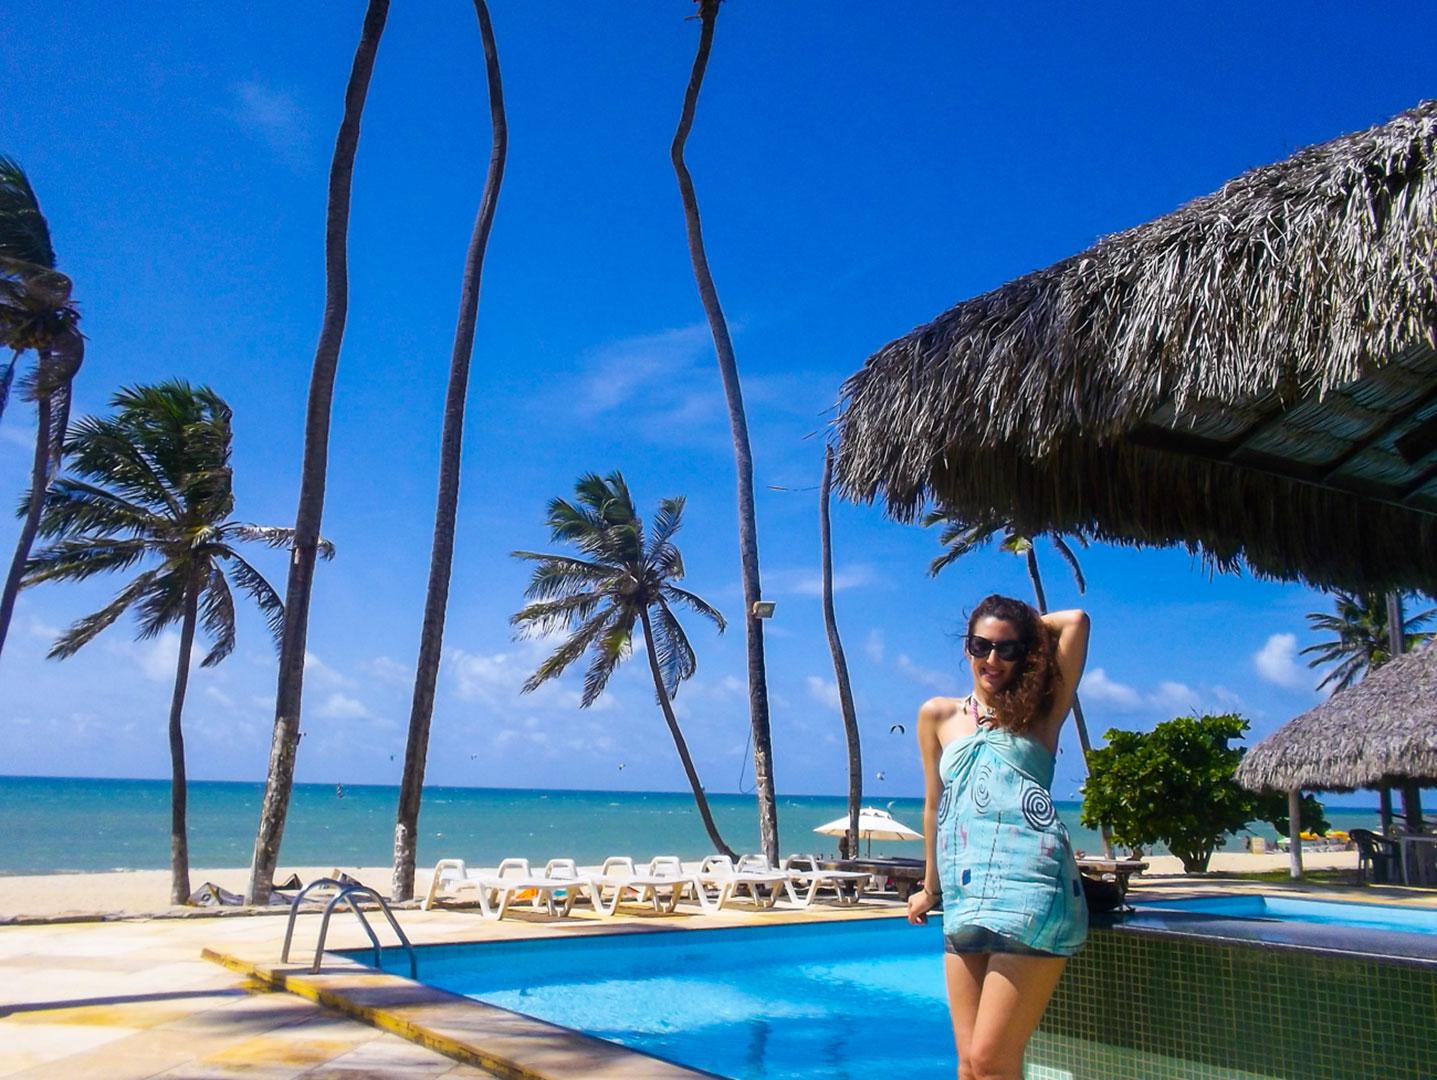 Fortaleza-Brazil-by-Polina-Paraskevopoulou-la-vie-en-blog-42